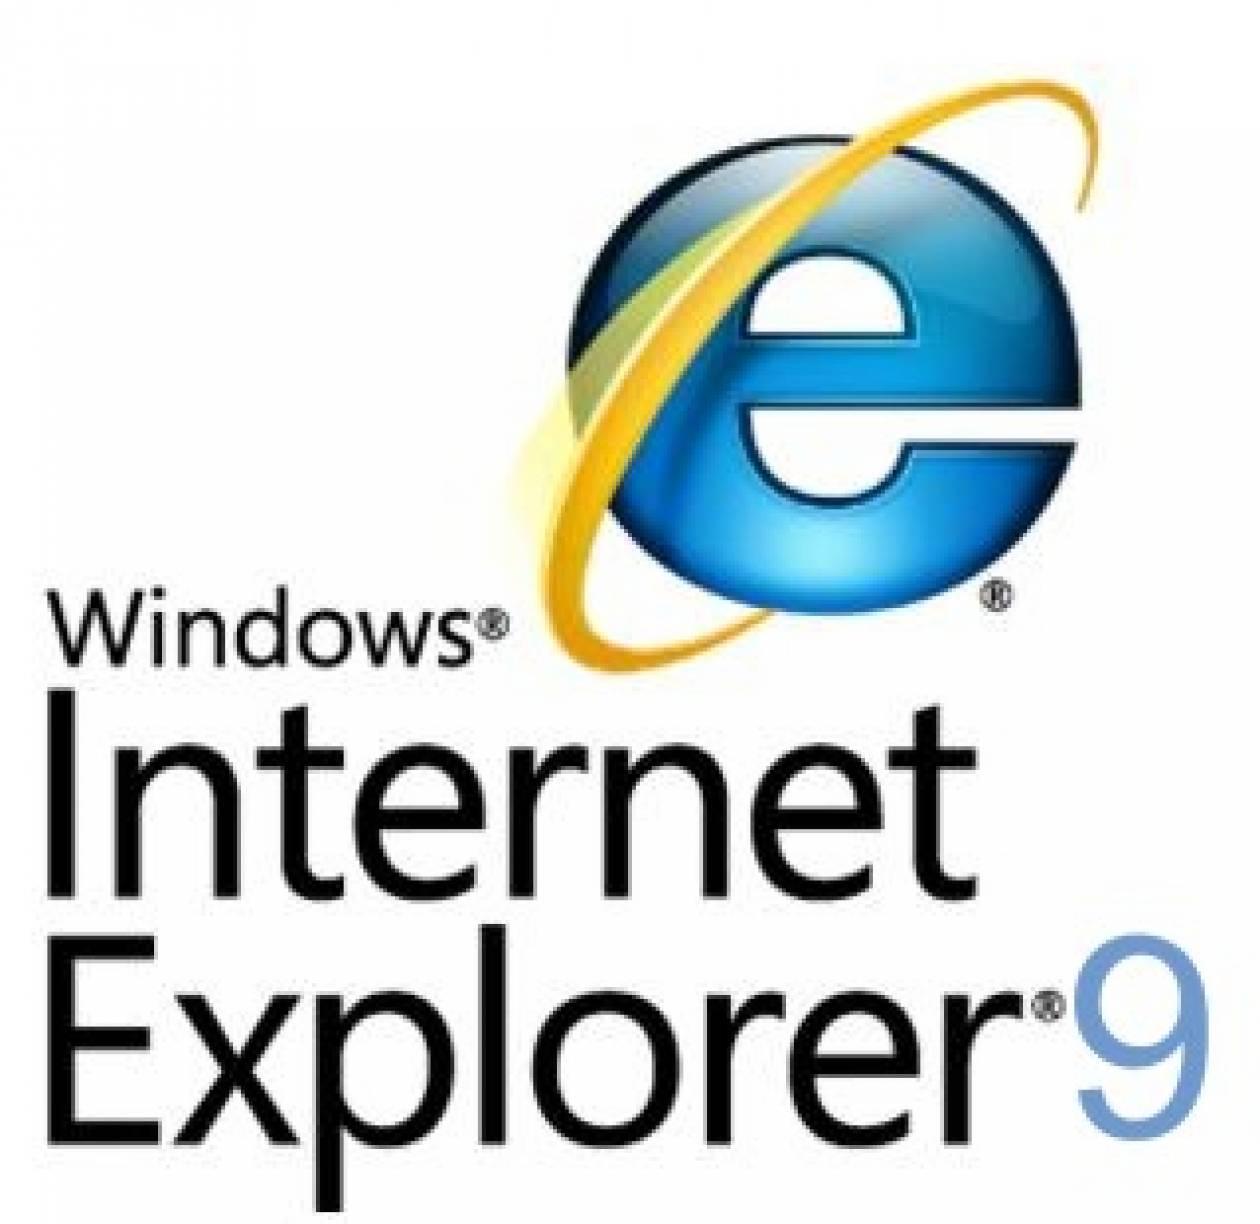 Διαθέσιμος ο Internet explorer 9 από σήμερα